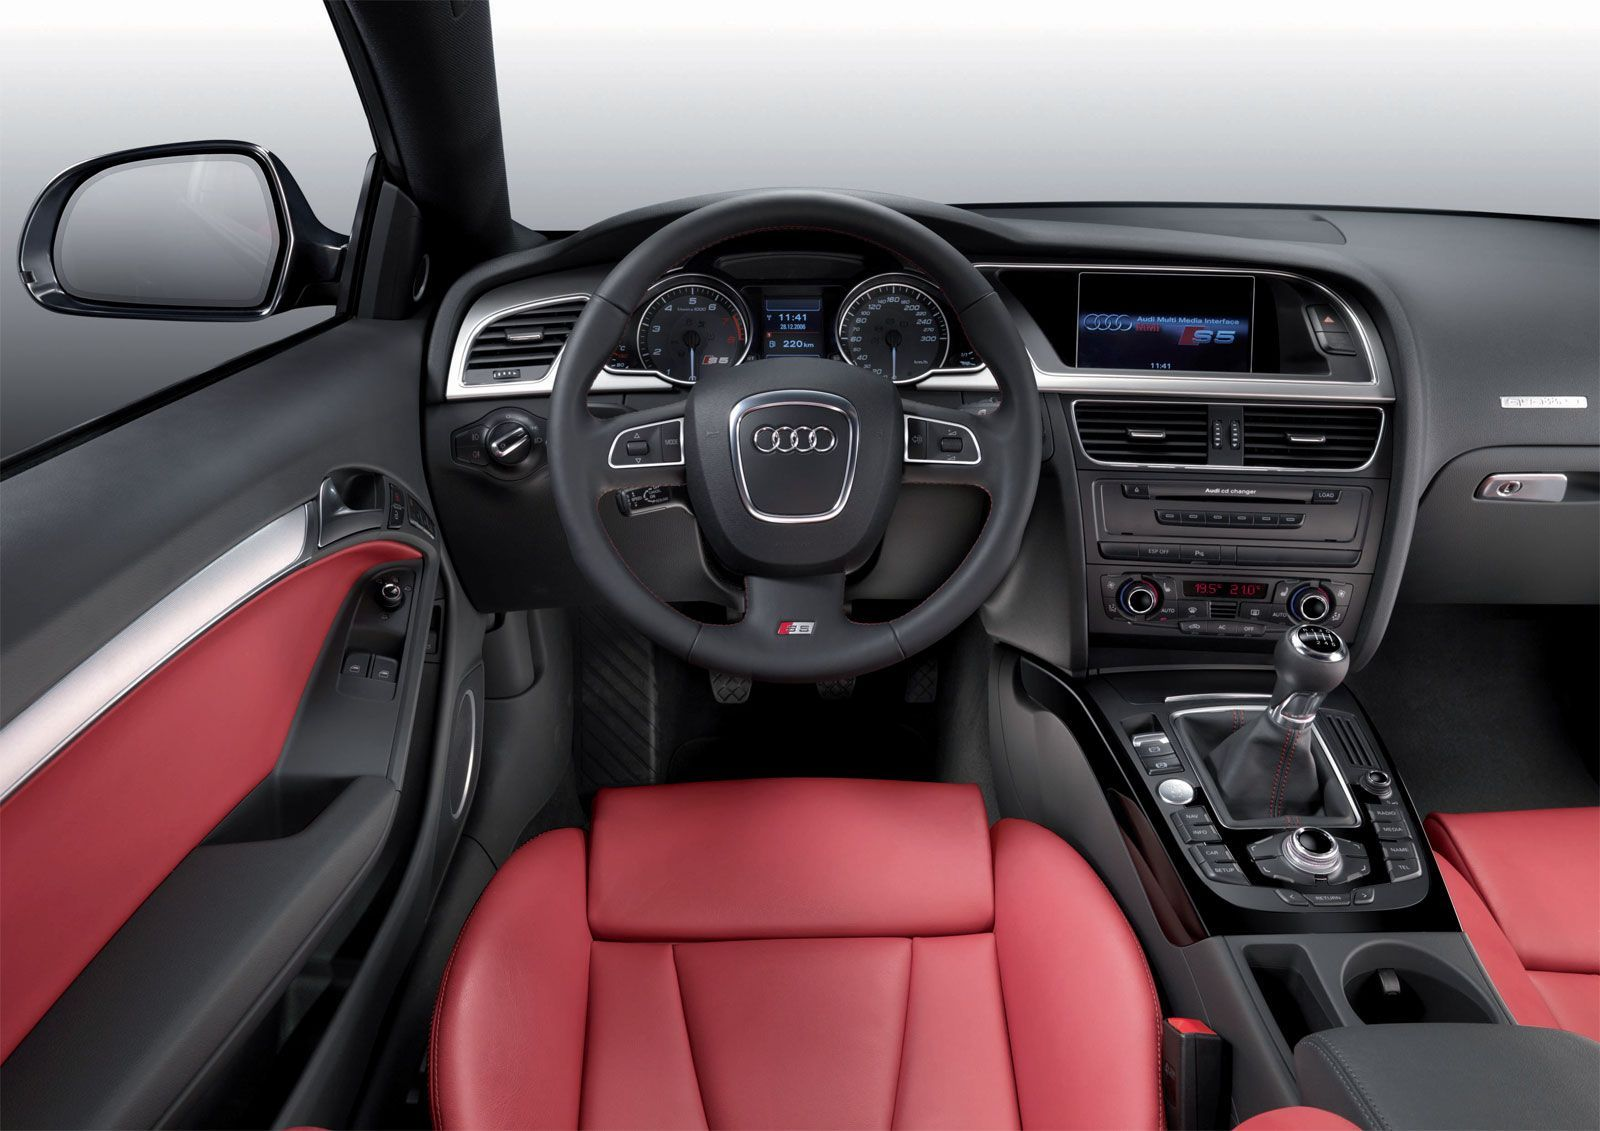 Interieur audi  audi-r8-black-interiortop-50-luxury-car-interior-designs-uzntse8x ...